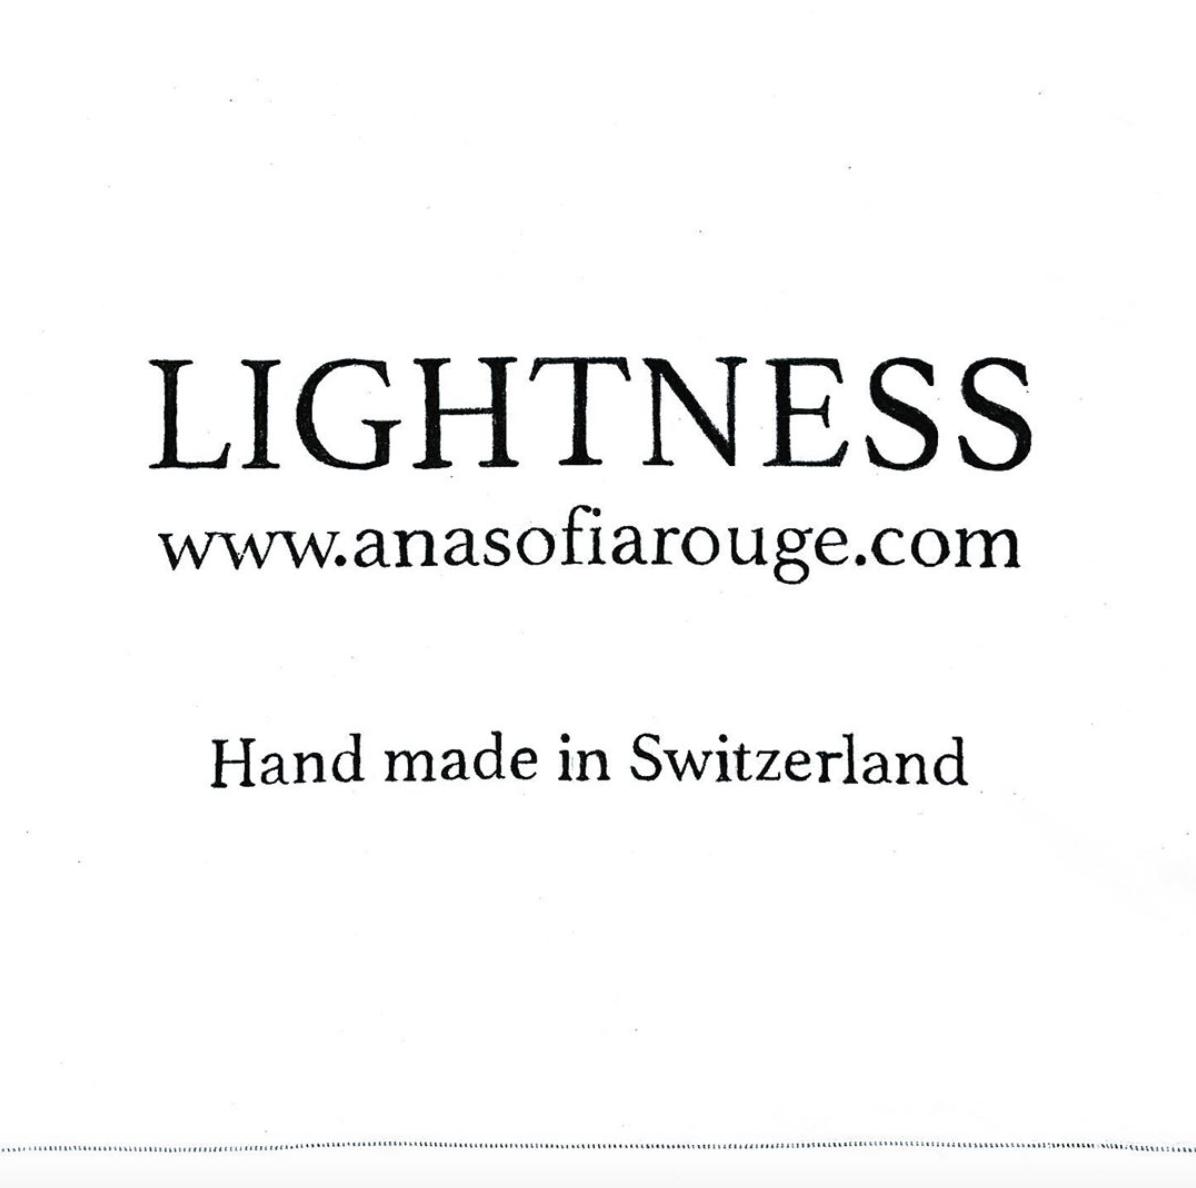 shop,shopping,cadeaux,,cadeaux personnalisés,cadeaux anniversaire,ateliers,boutique,boutique en ligne suisse,marché,idées cadeaux,